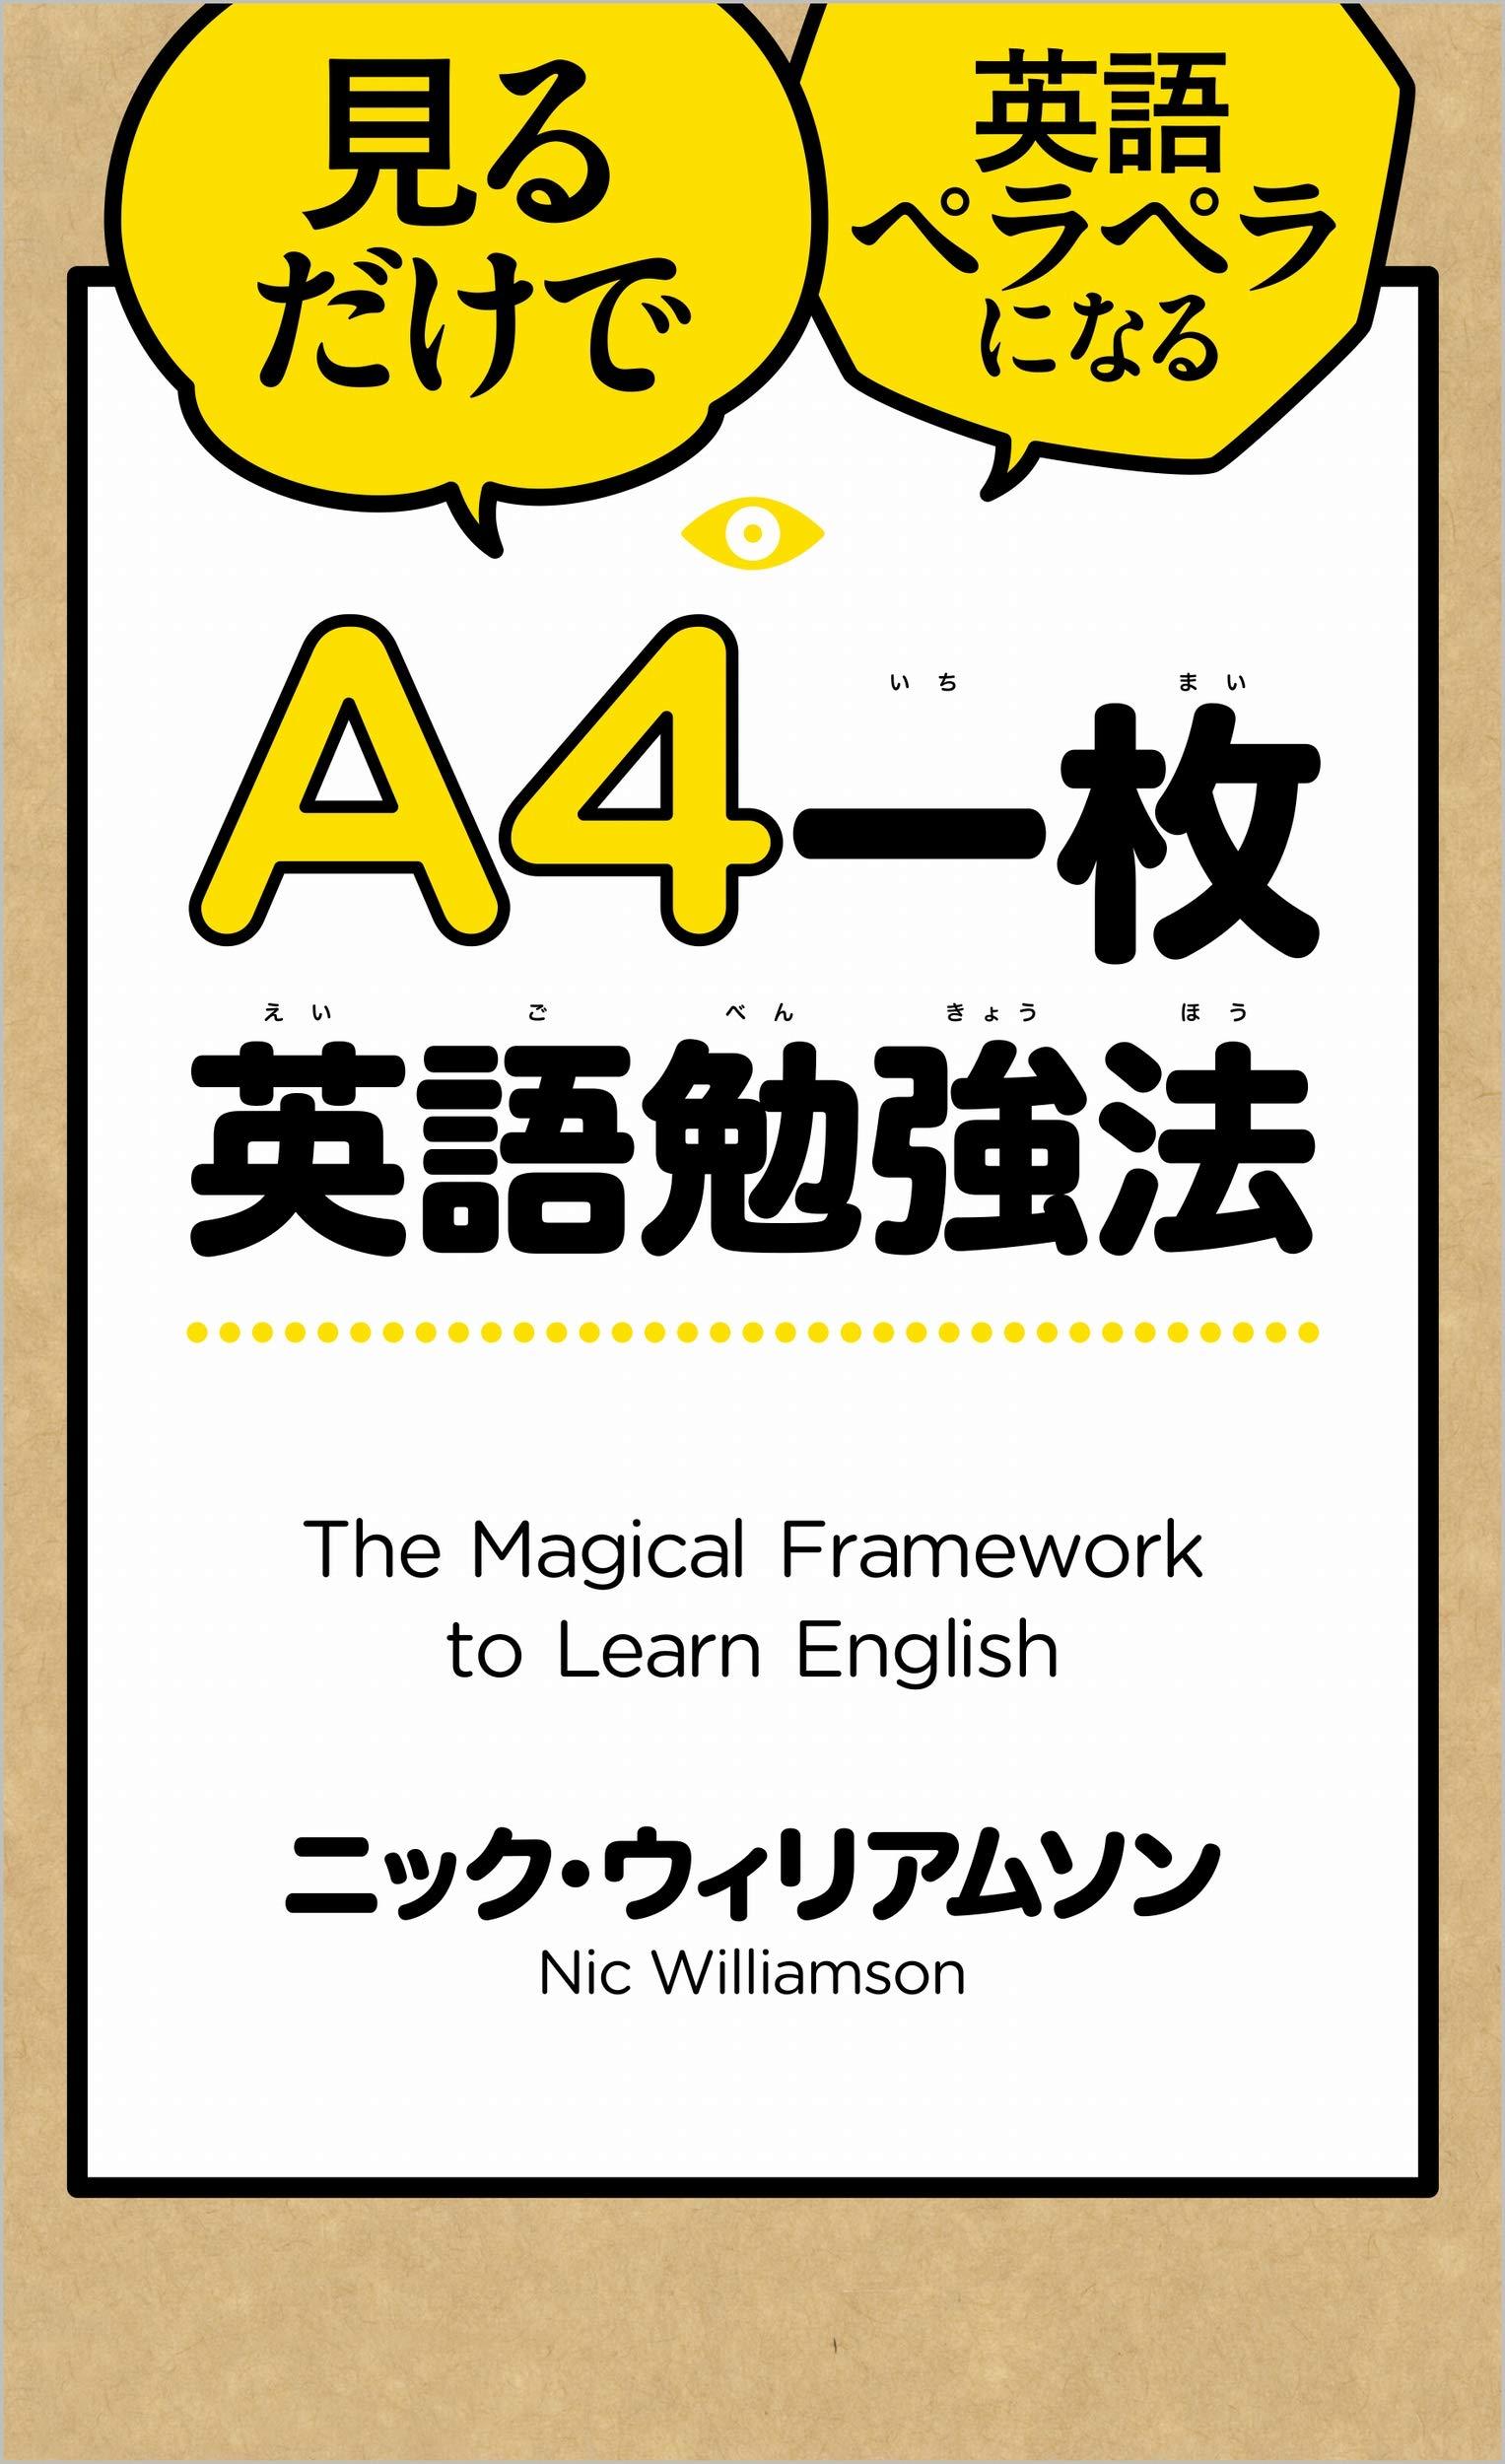 法 枚 英語 勉強 a4 一